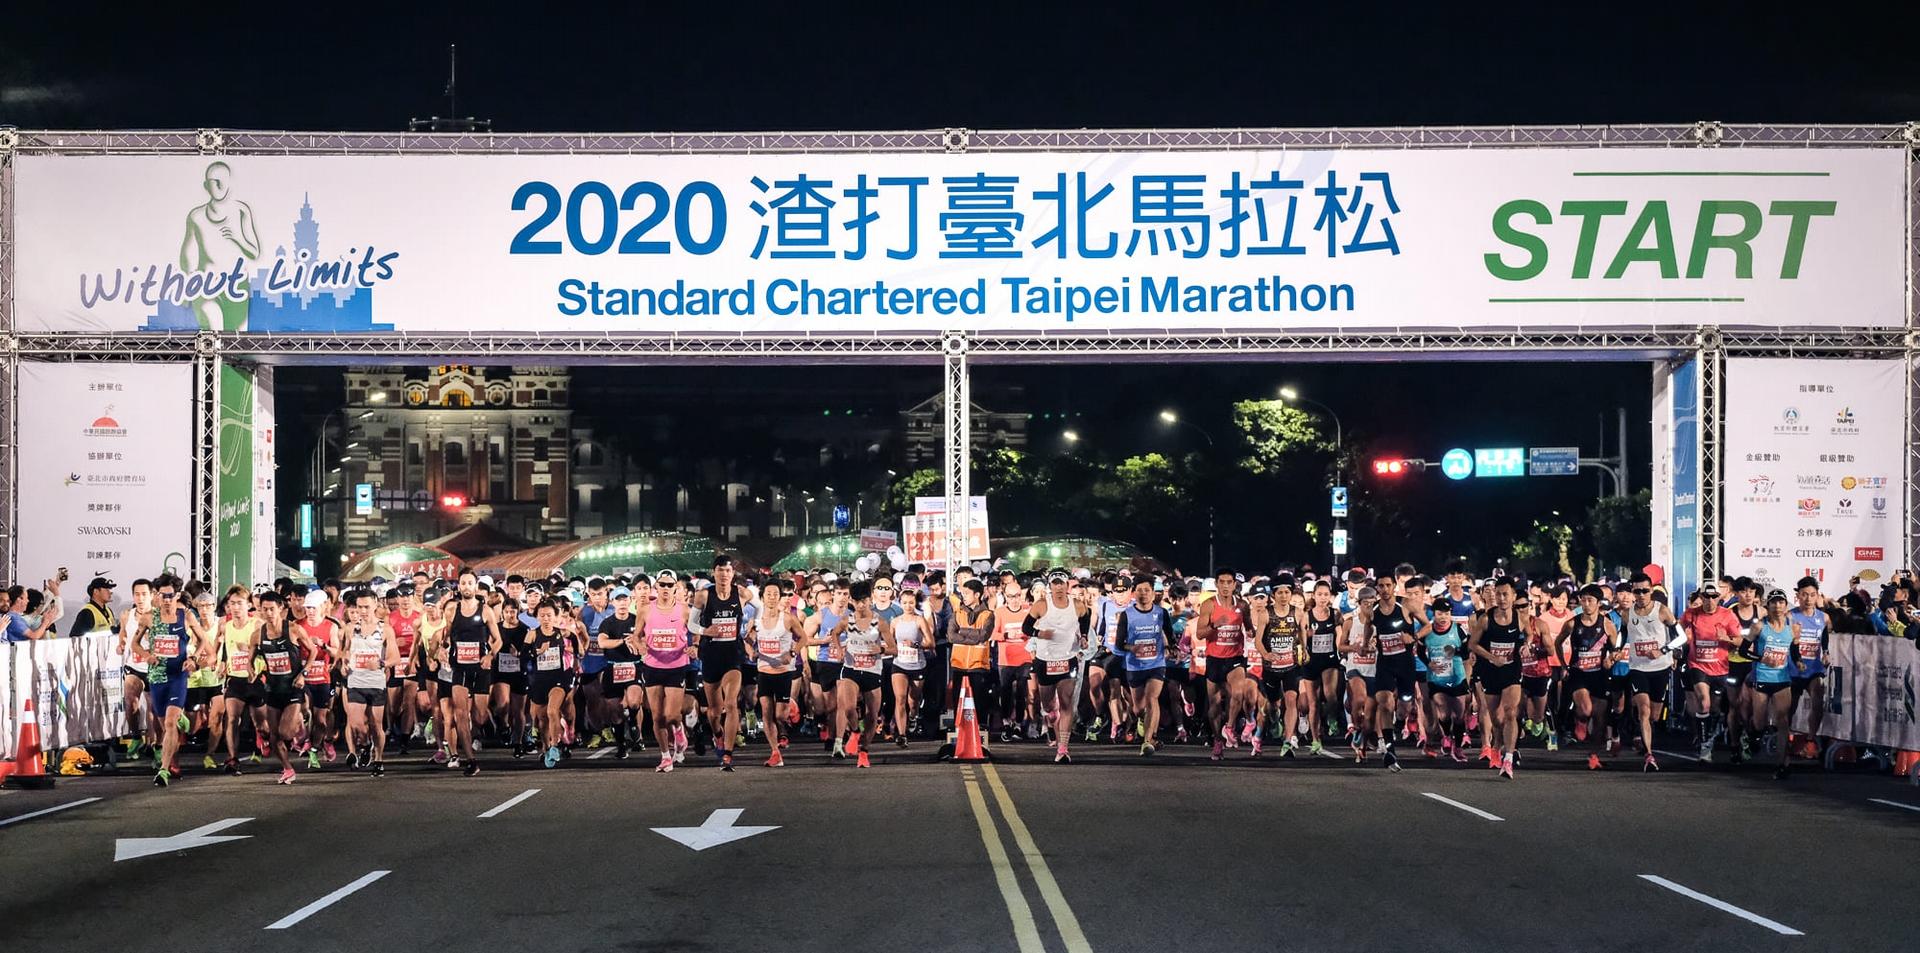 近三萬人響應2020渣打臺北公益馬拉松,首場使用不織布做為賽衣包裝的國際賽事。